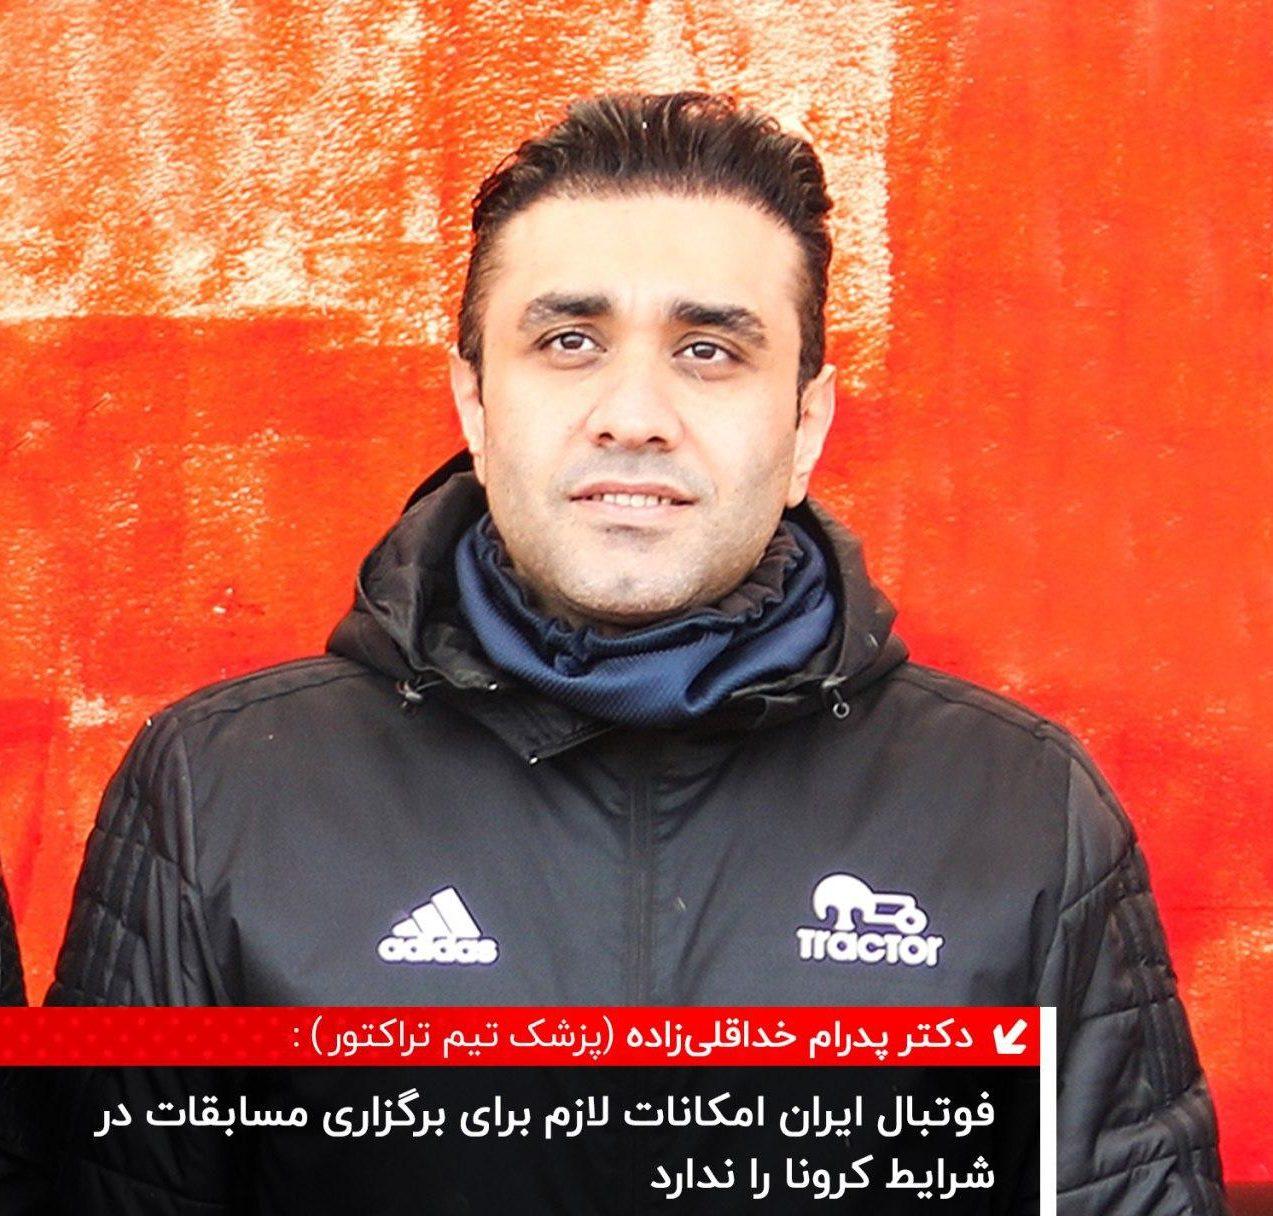 فوتبال ایران امکانات لازم برای برگزاری مسابقات در شرایط کرونا را ندارد